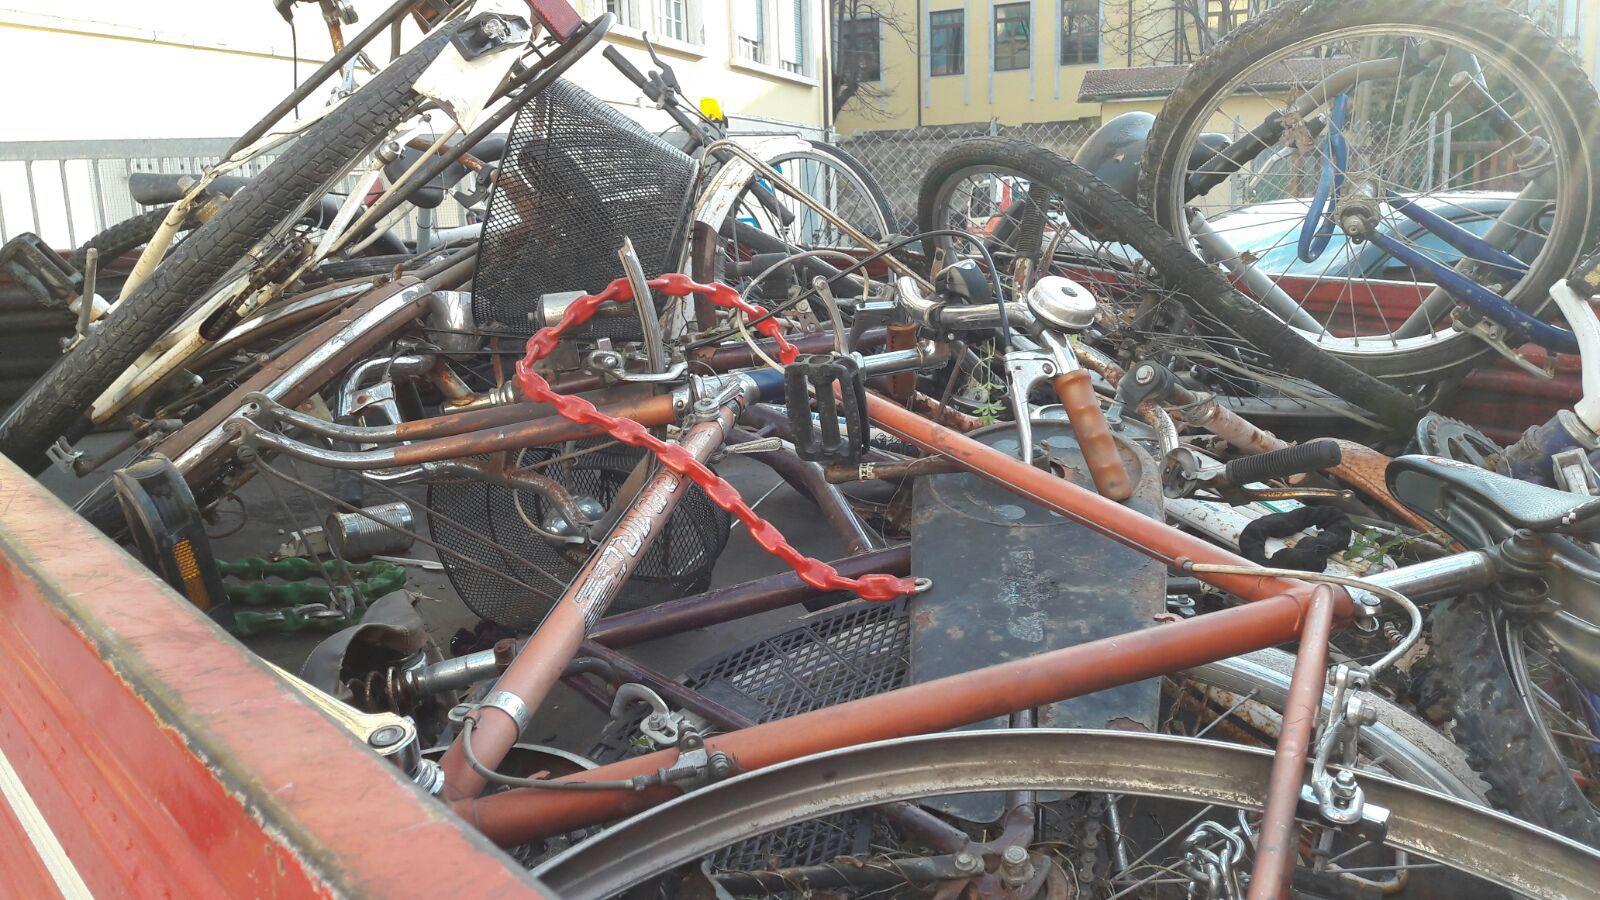 Rimossi rottami di biciclette e volantini abusivi